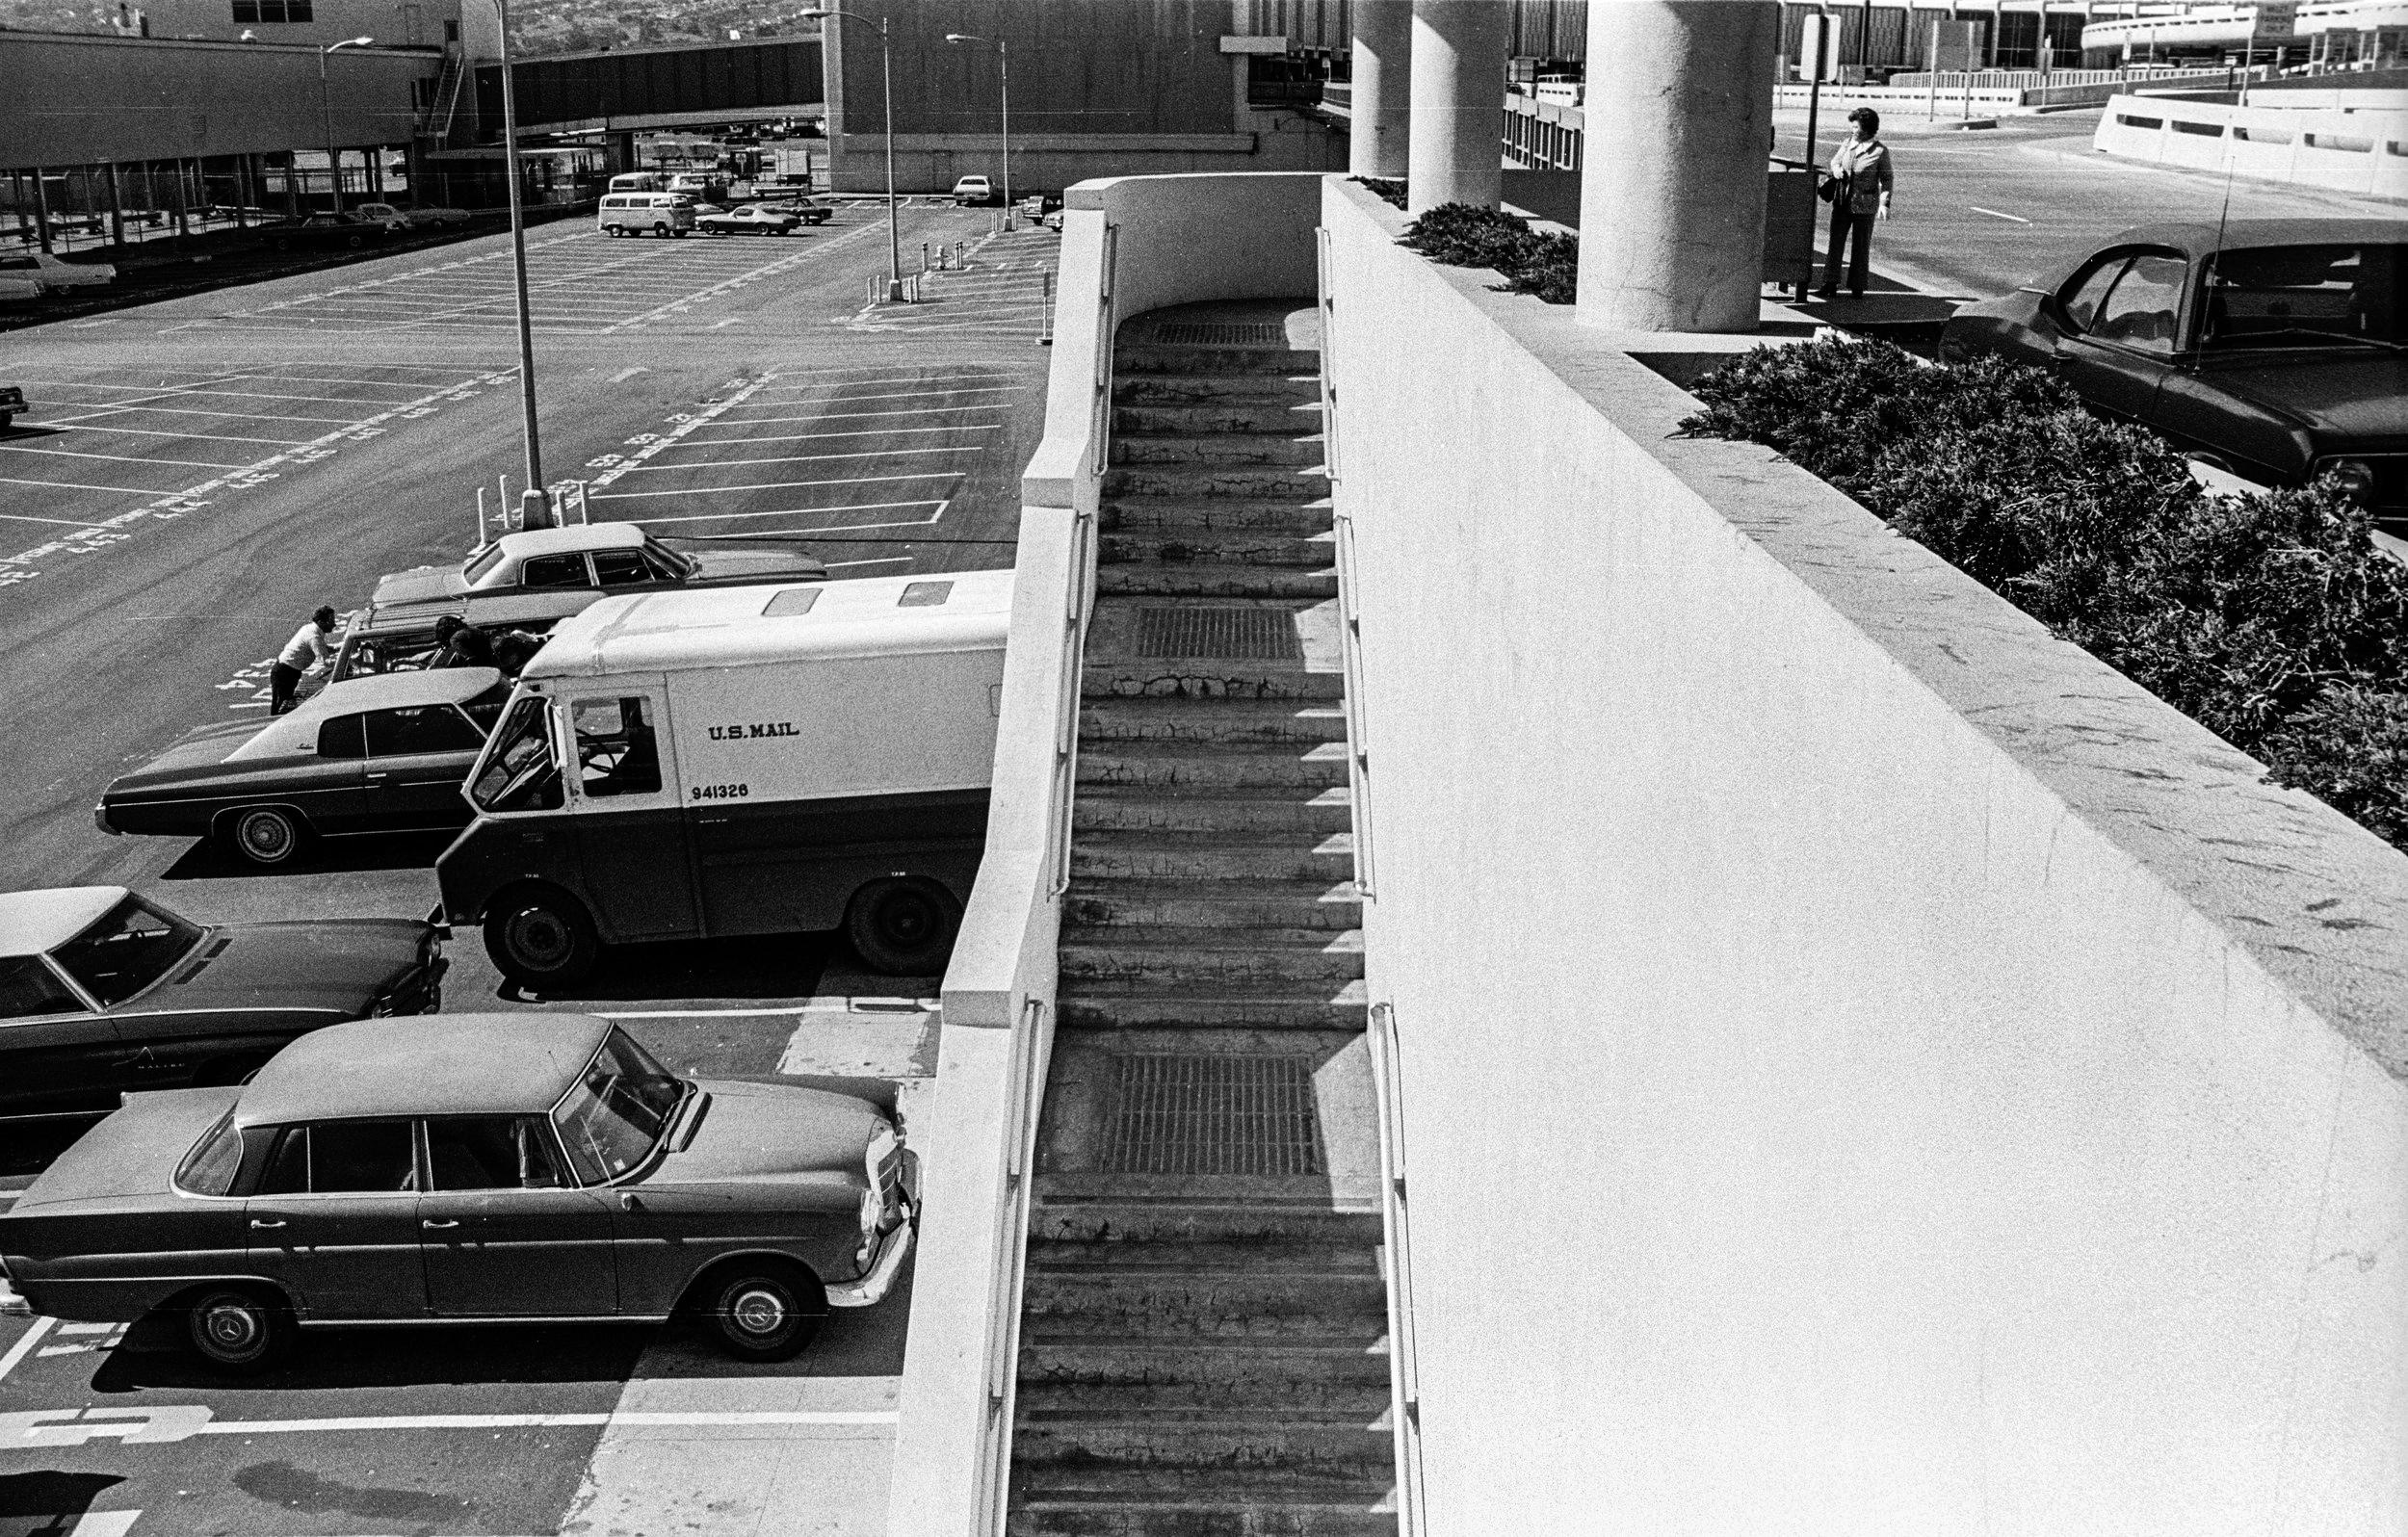 San Francisco Airport, 1974